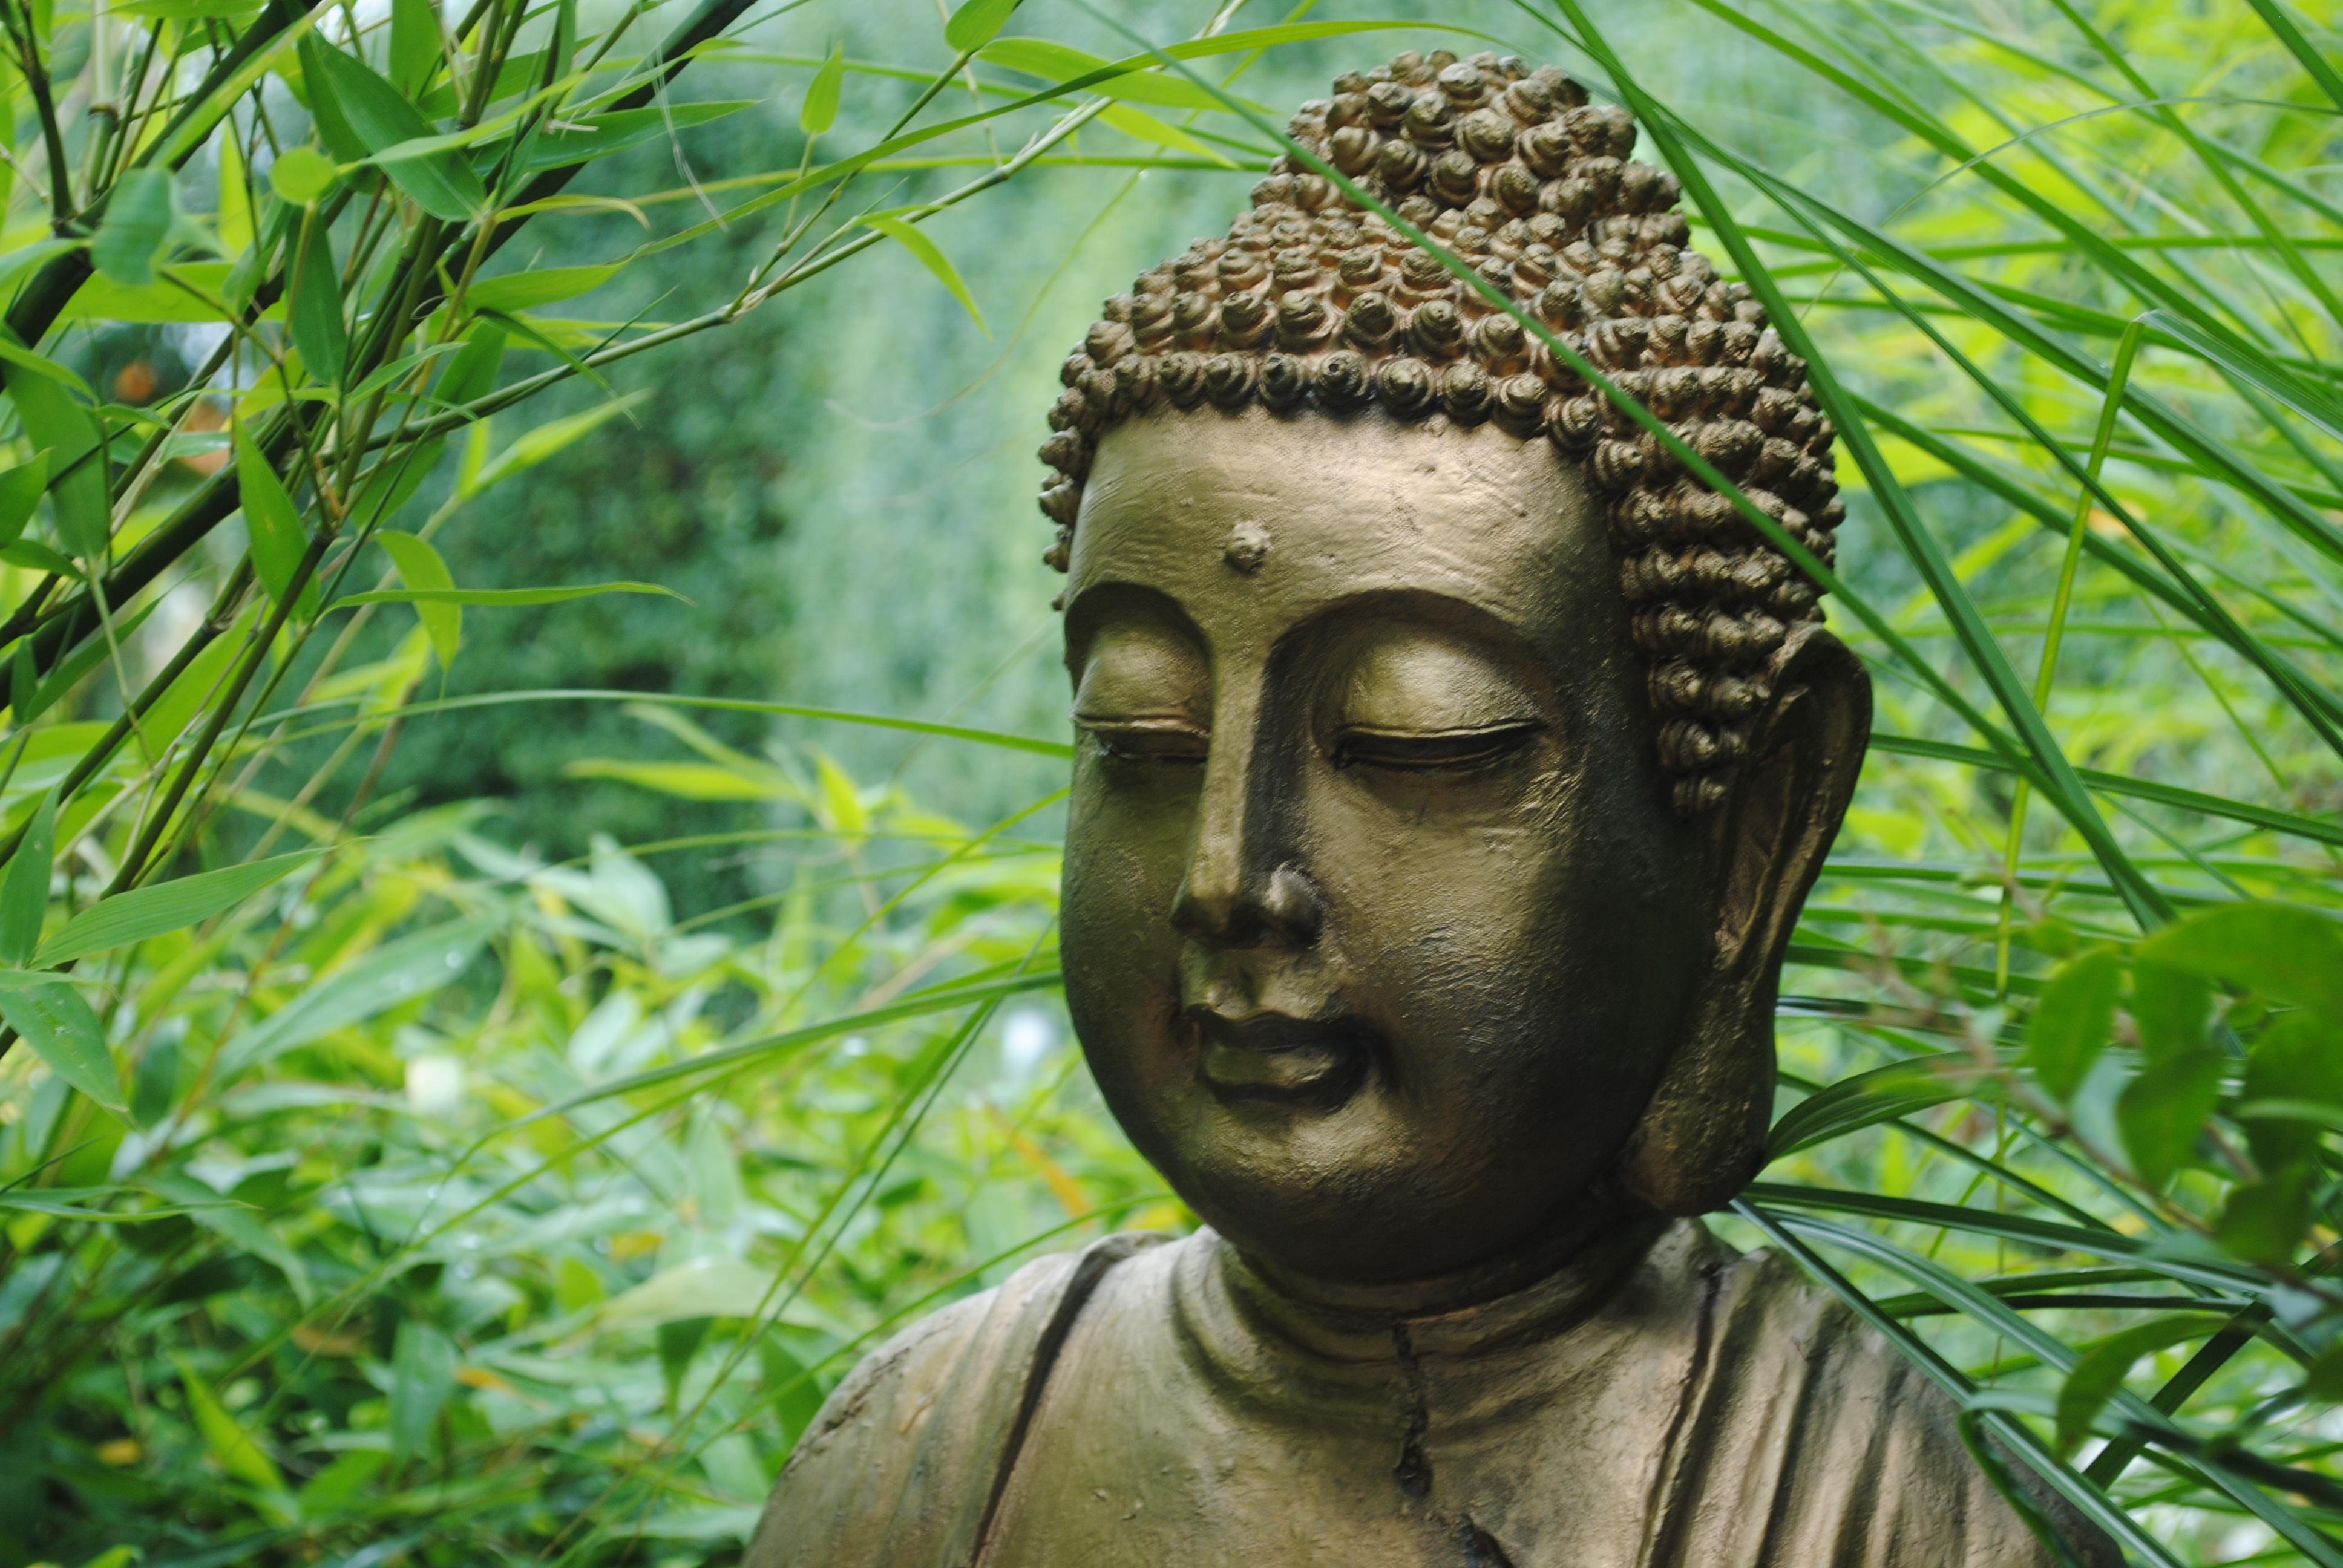 gratis billeder blomst monument statue gr n jungle buddhisme asien botanik have. Black Bedroom Furniture Sets. Home Design Ideas